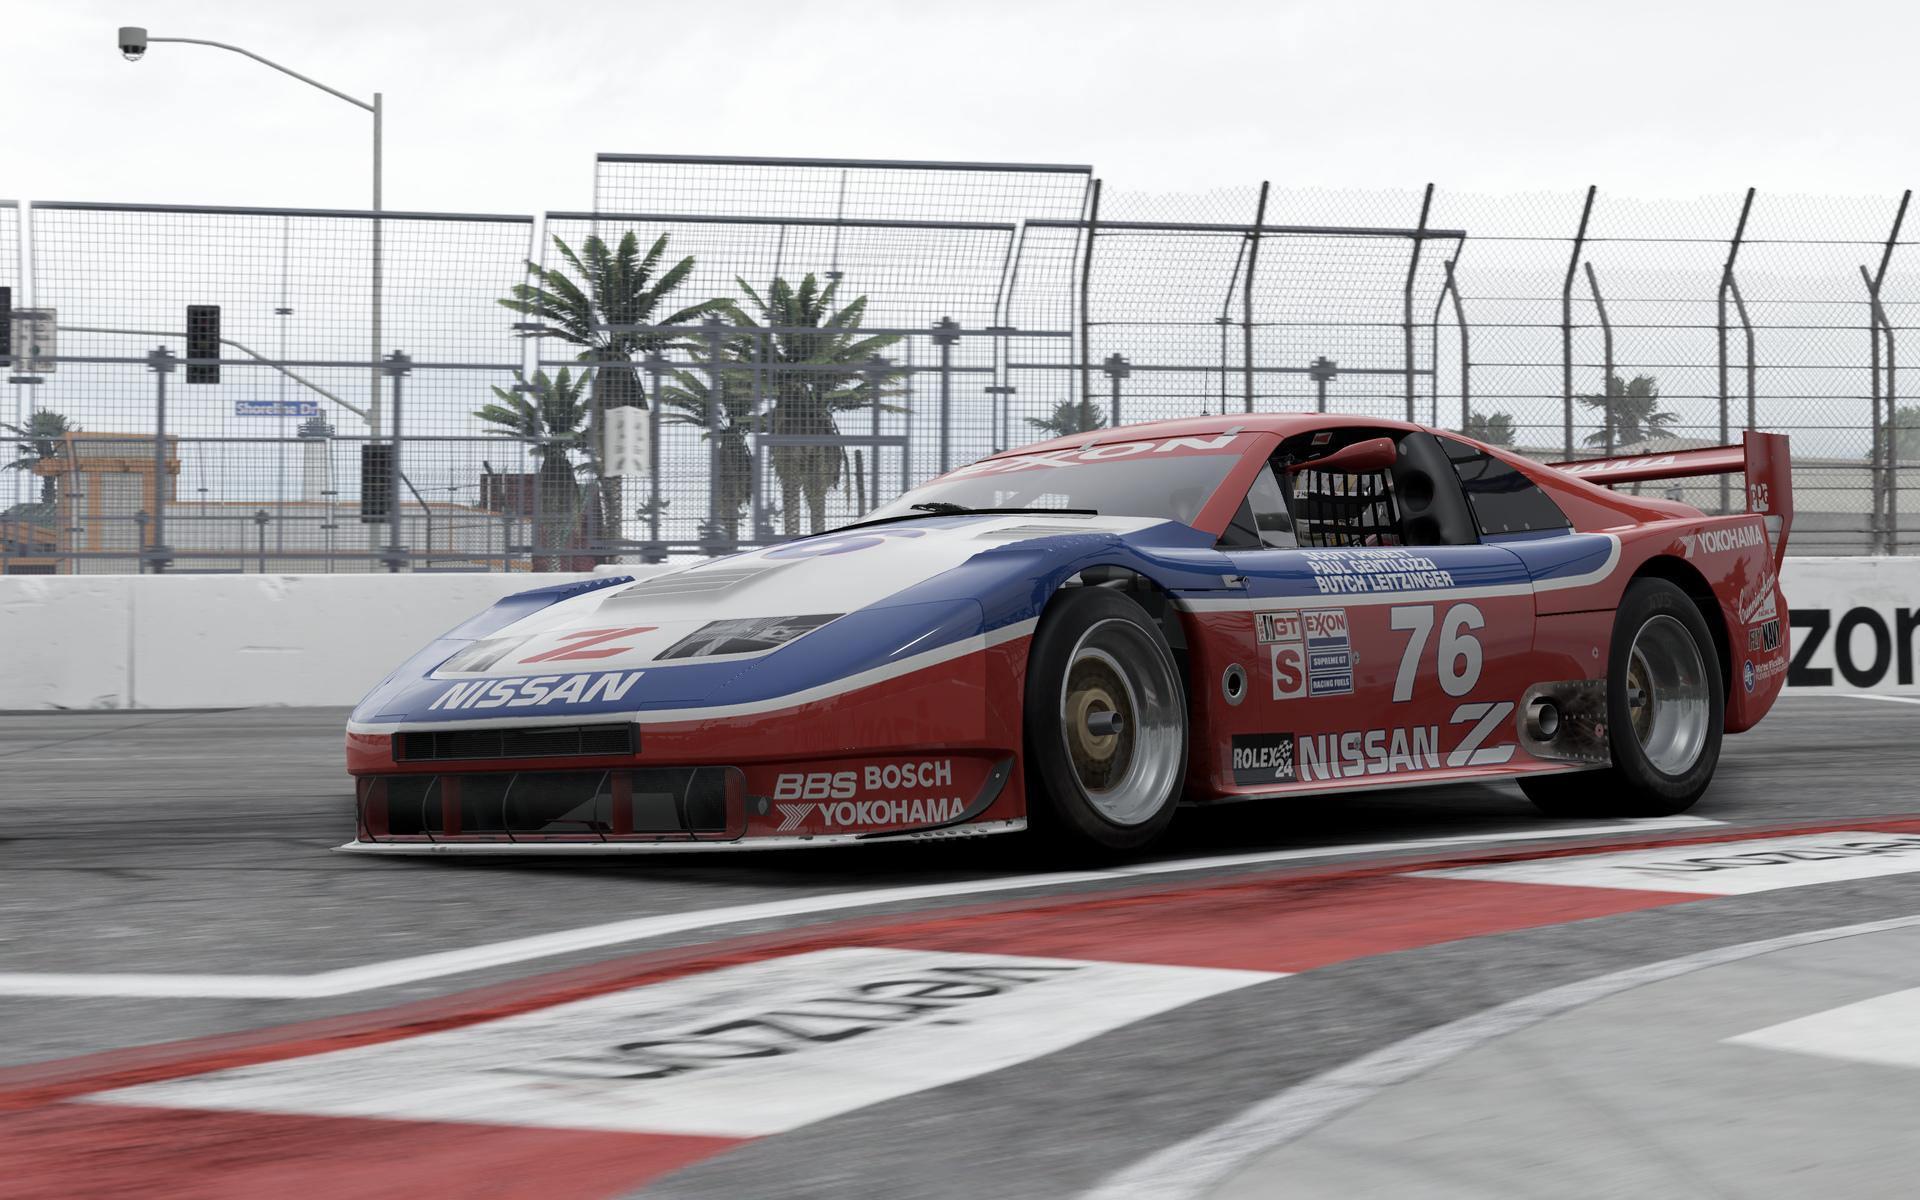 Obrazem: Bouřka nad závodní dráhou v Project Cars 2 141351